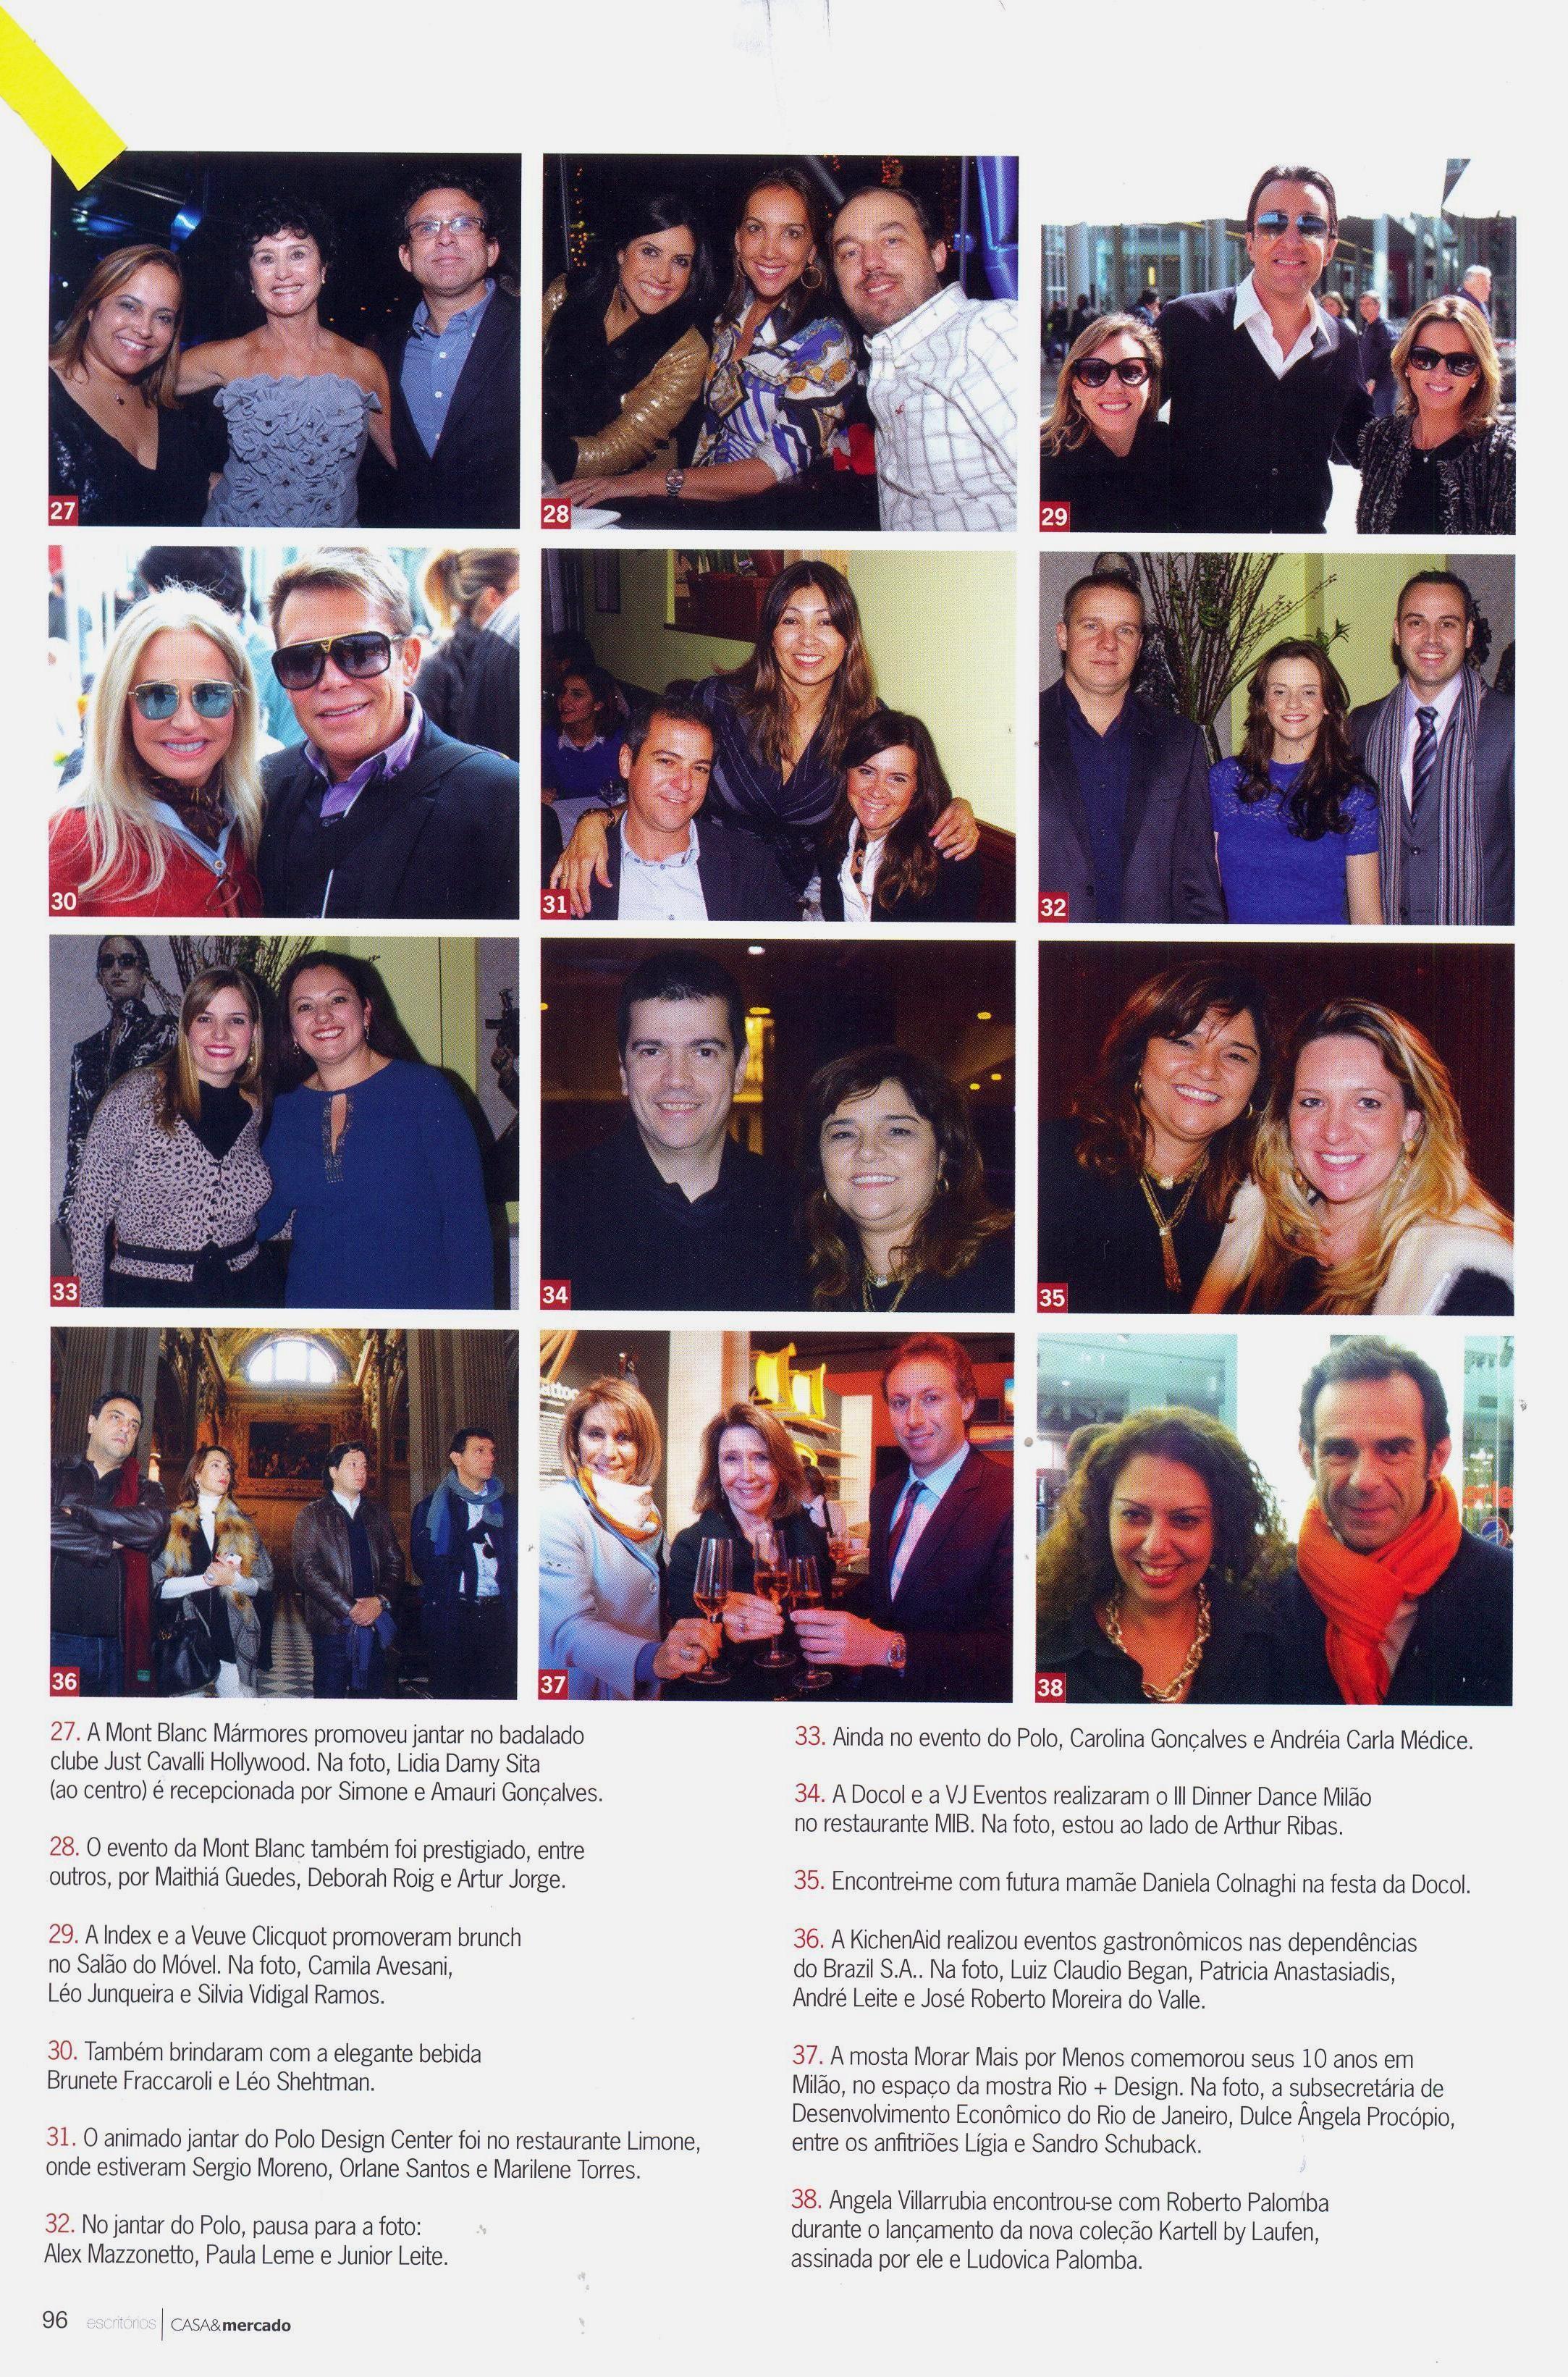 Jantar e Dancing Milão - Revista Casa & Mercado (Jul/2013)